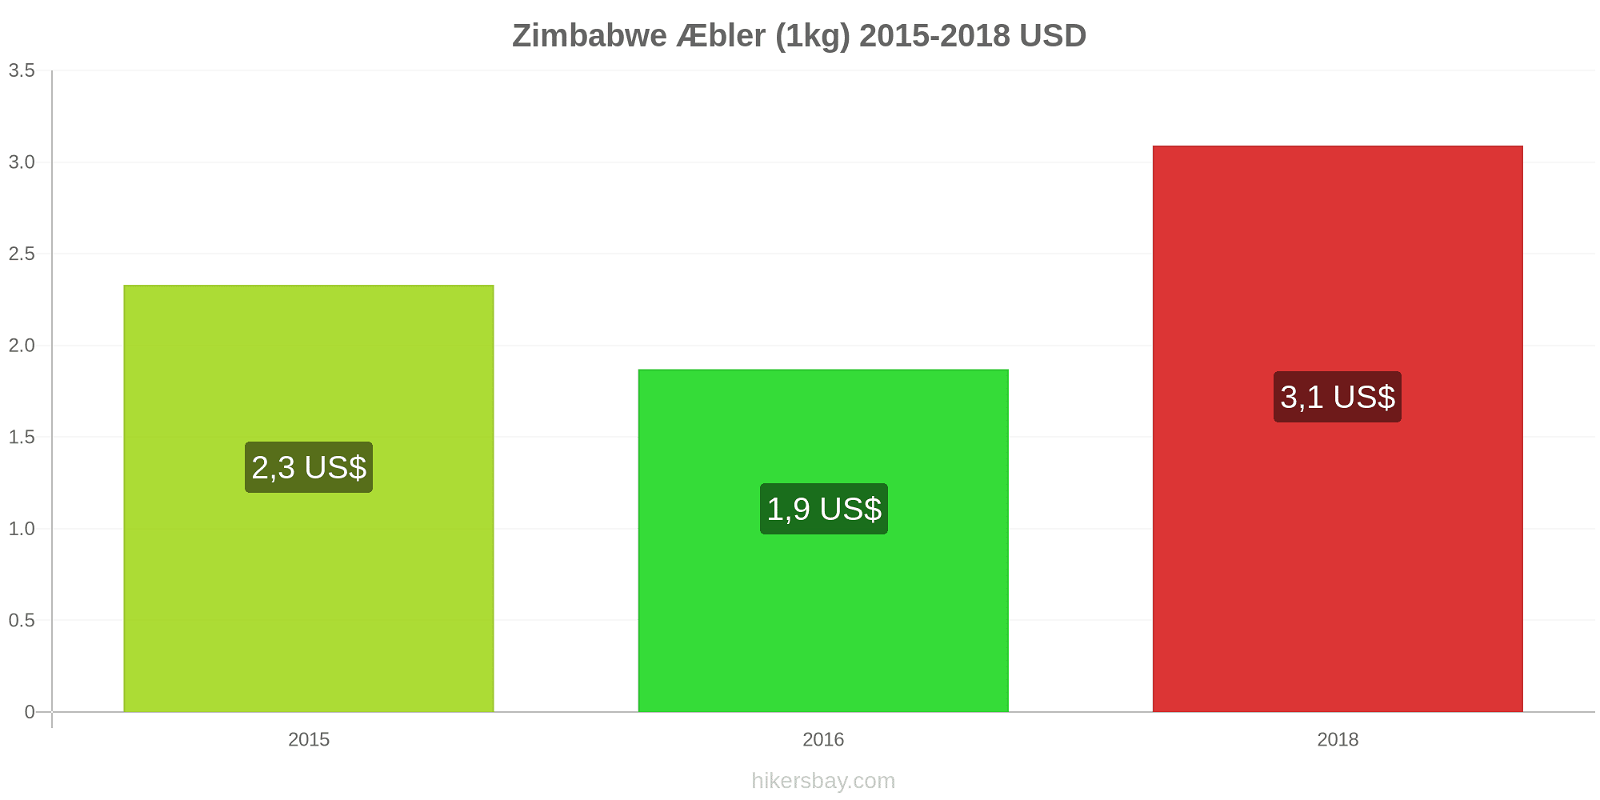 Zimbabwe prisændringer Æbler (1kg) hikersbay.com